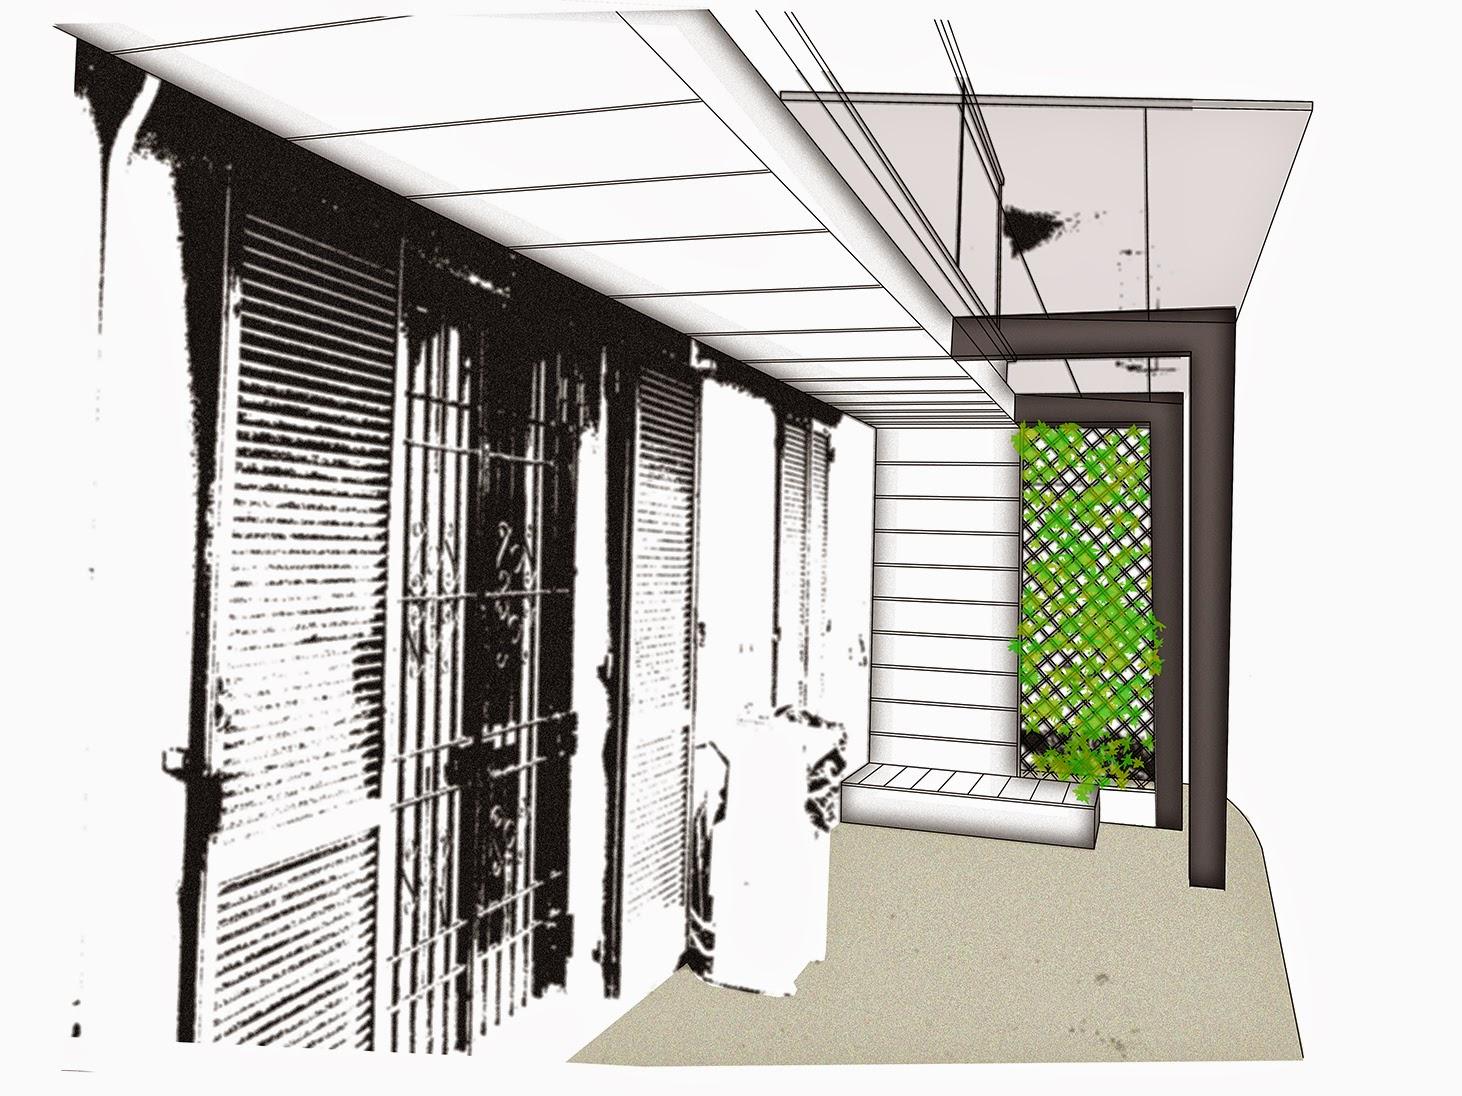 Best Terrazzo Aggettante Gallery - Idee Arredamento Casa - baoliao.us